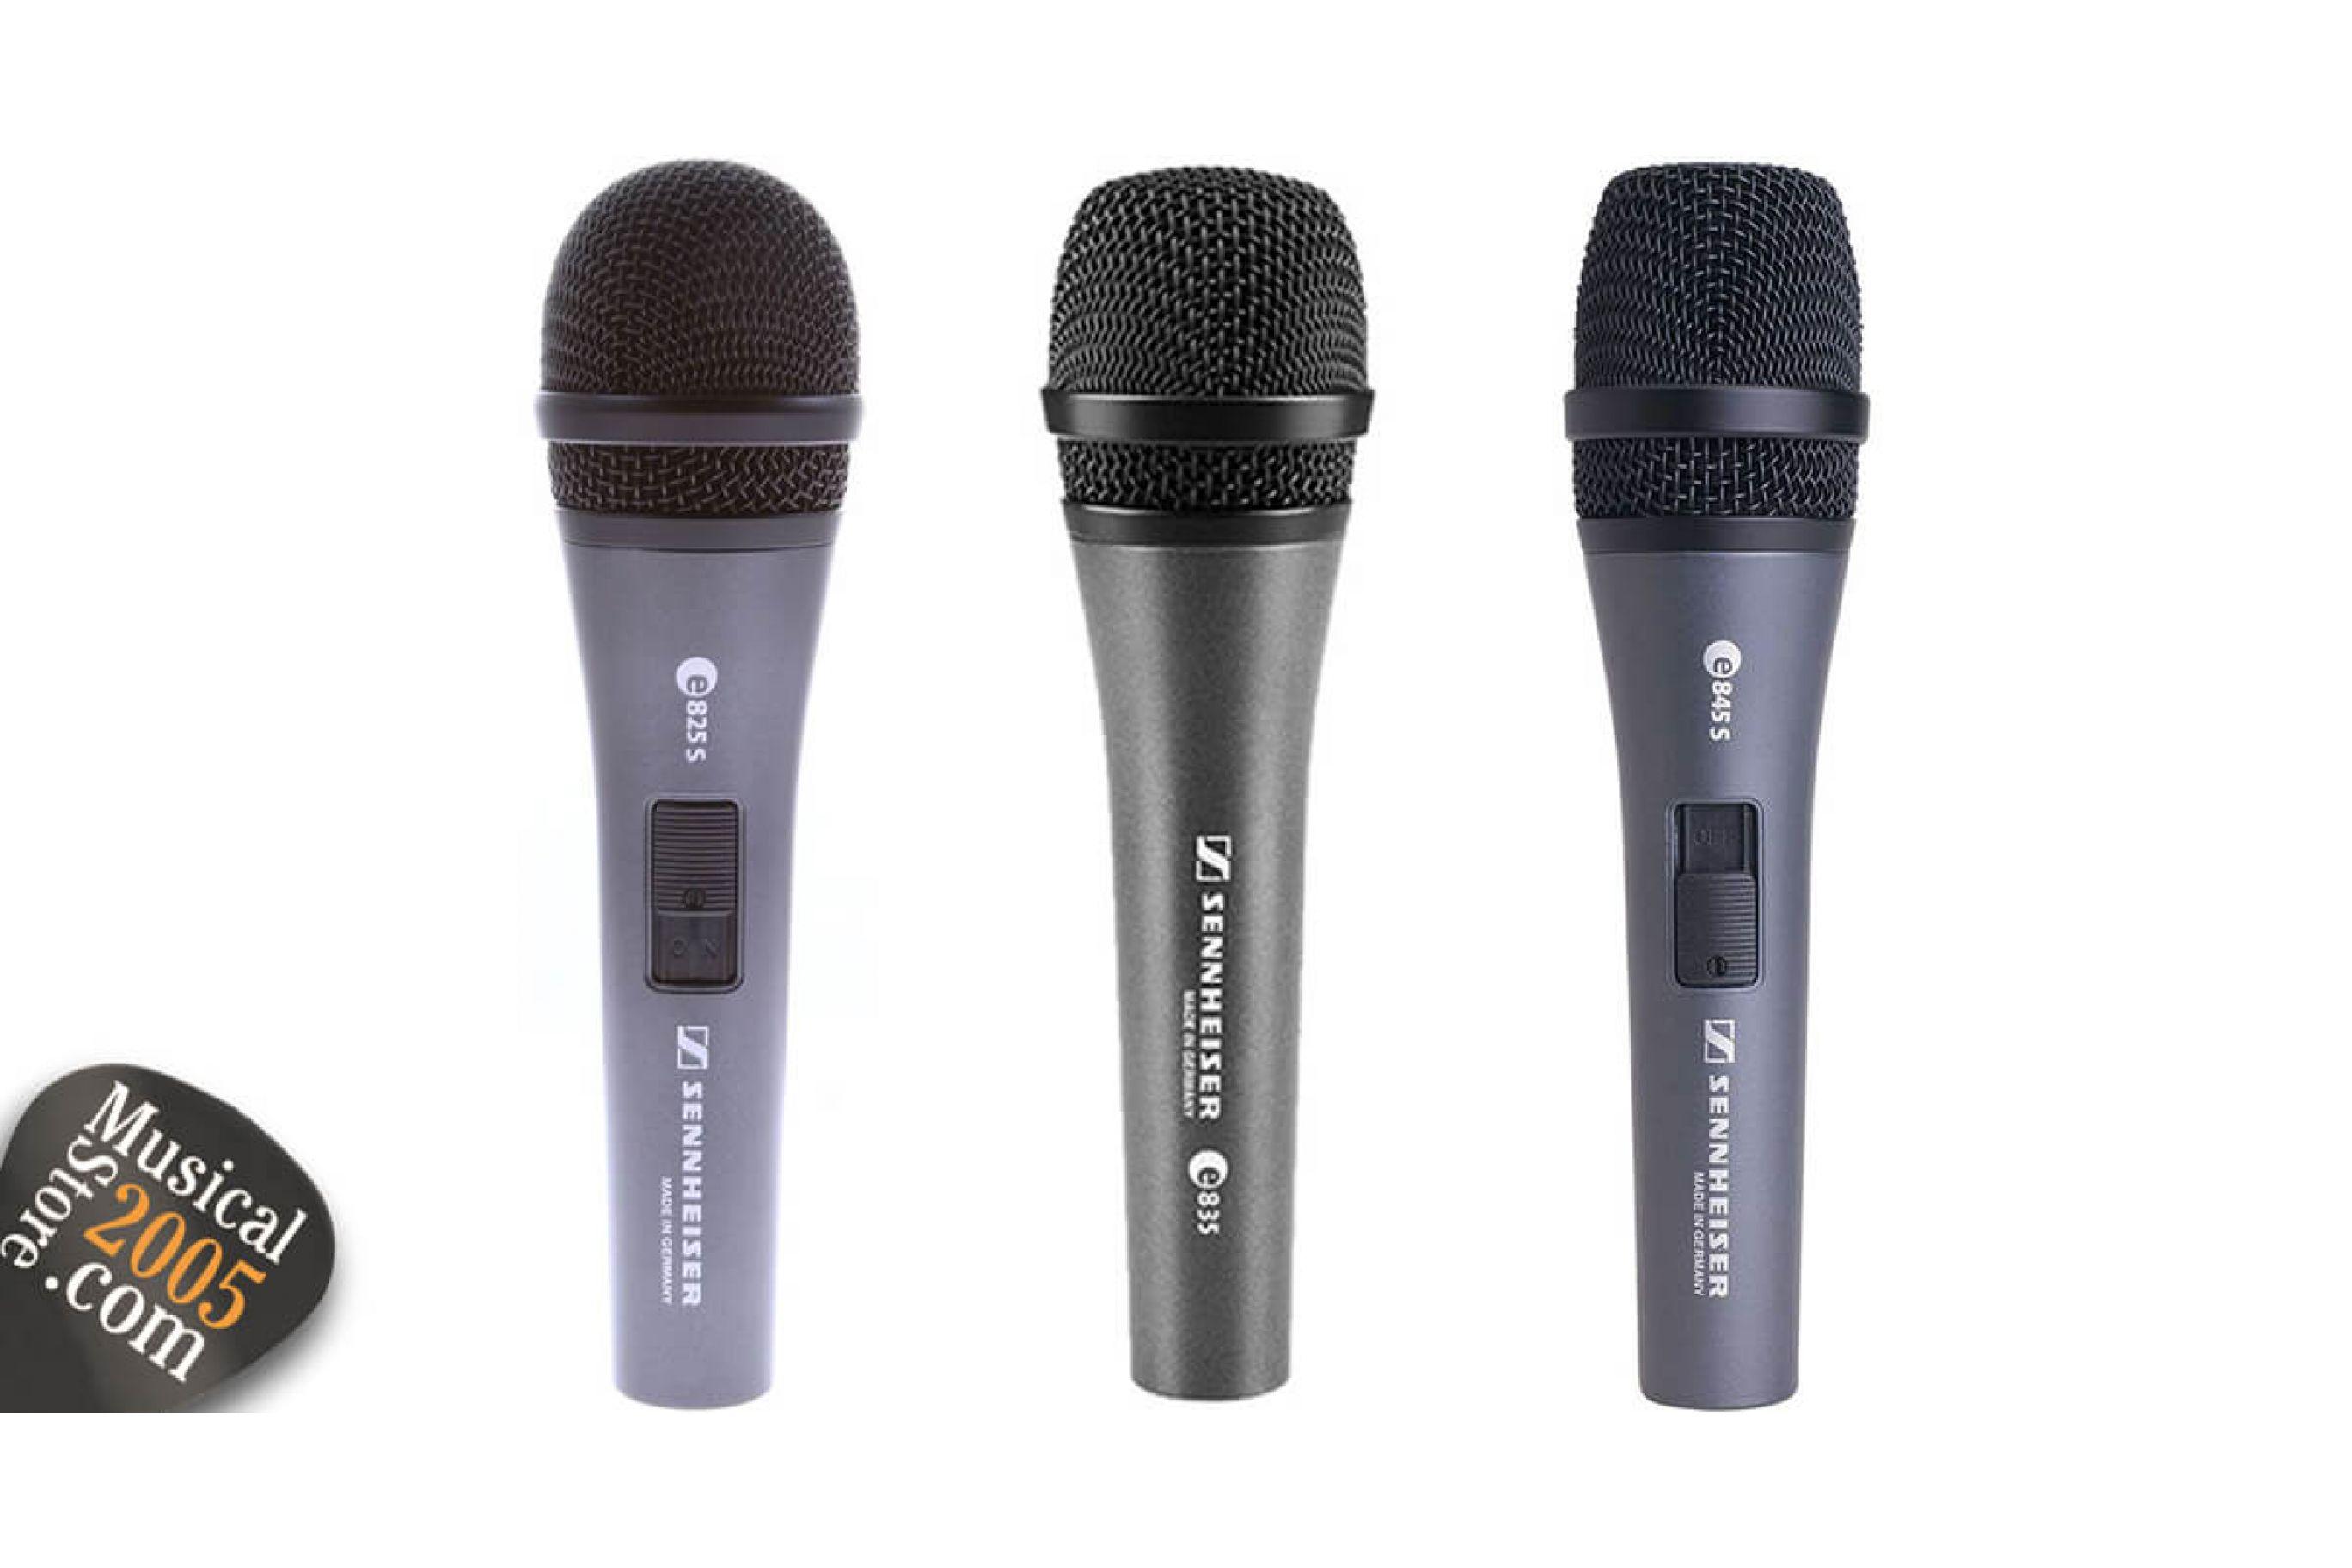 Microfoni per canto Sennheiser: 3 modelli a confronto